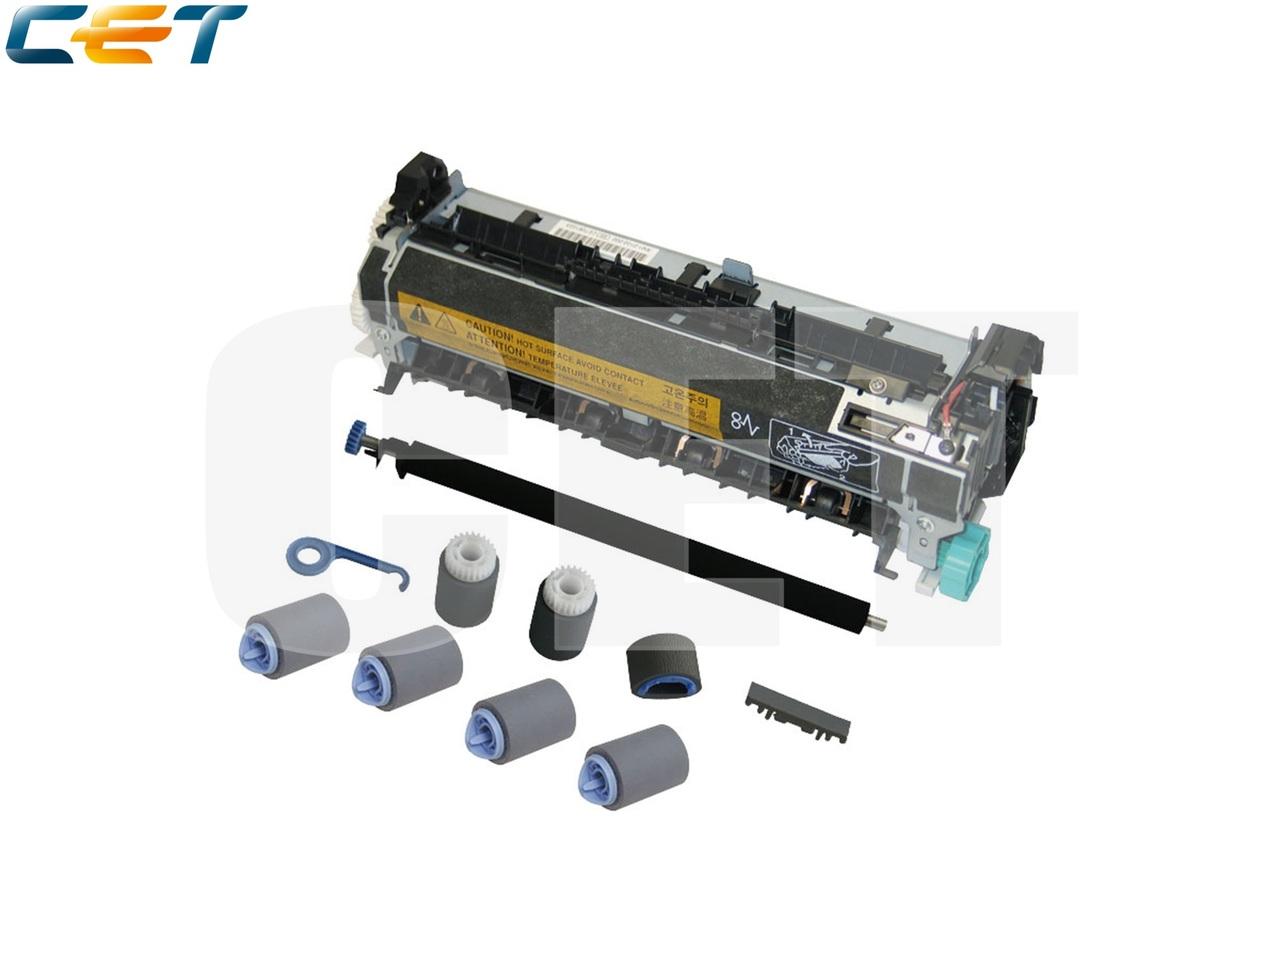 Ремонтный комплект Q2430-69005 для HP LaserJet 4200 (CET),(восстановленный), CET0535